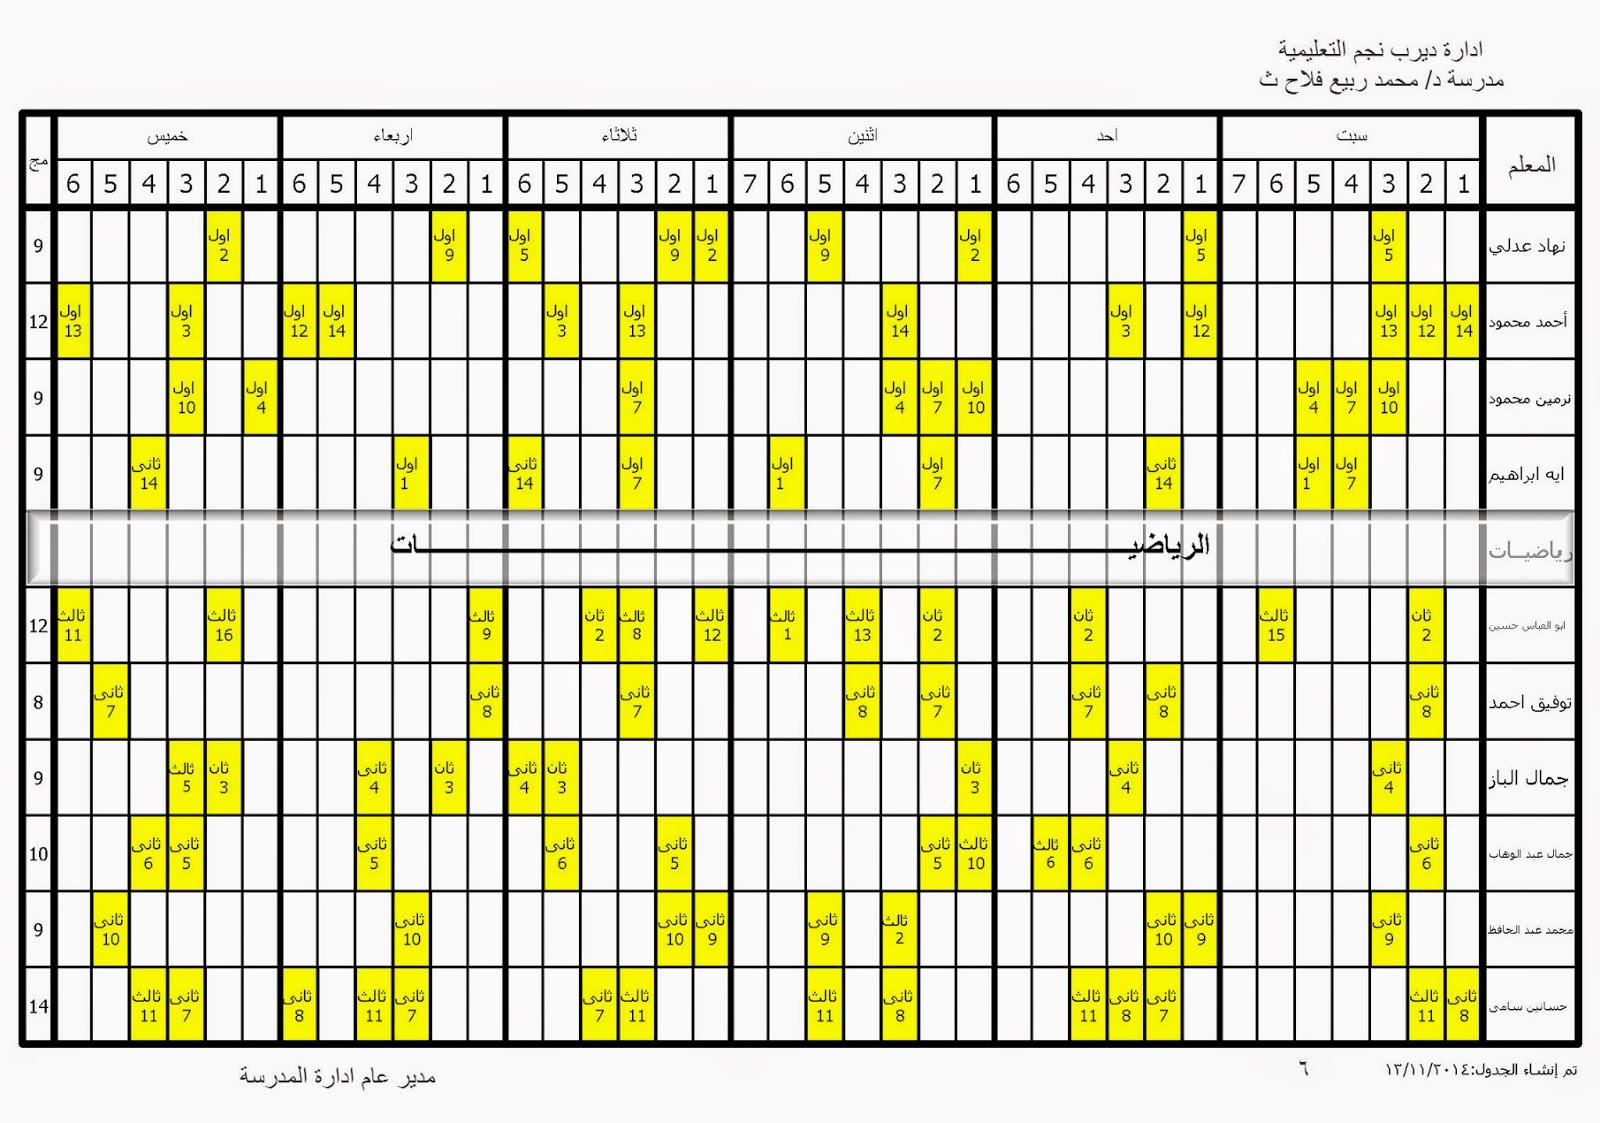 جدول الحصص العام لمعلمين المدرسة Copy%2Bof%2B%D8%A7%D9%84%D8%AC%D8%AF%D9%88%D9%84%2B%D8%A7%D9%84%D8%B9%D8%A7%D9%8506